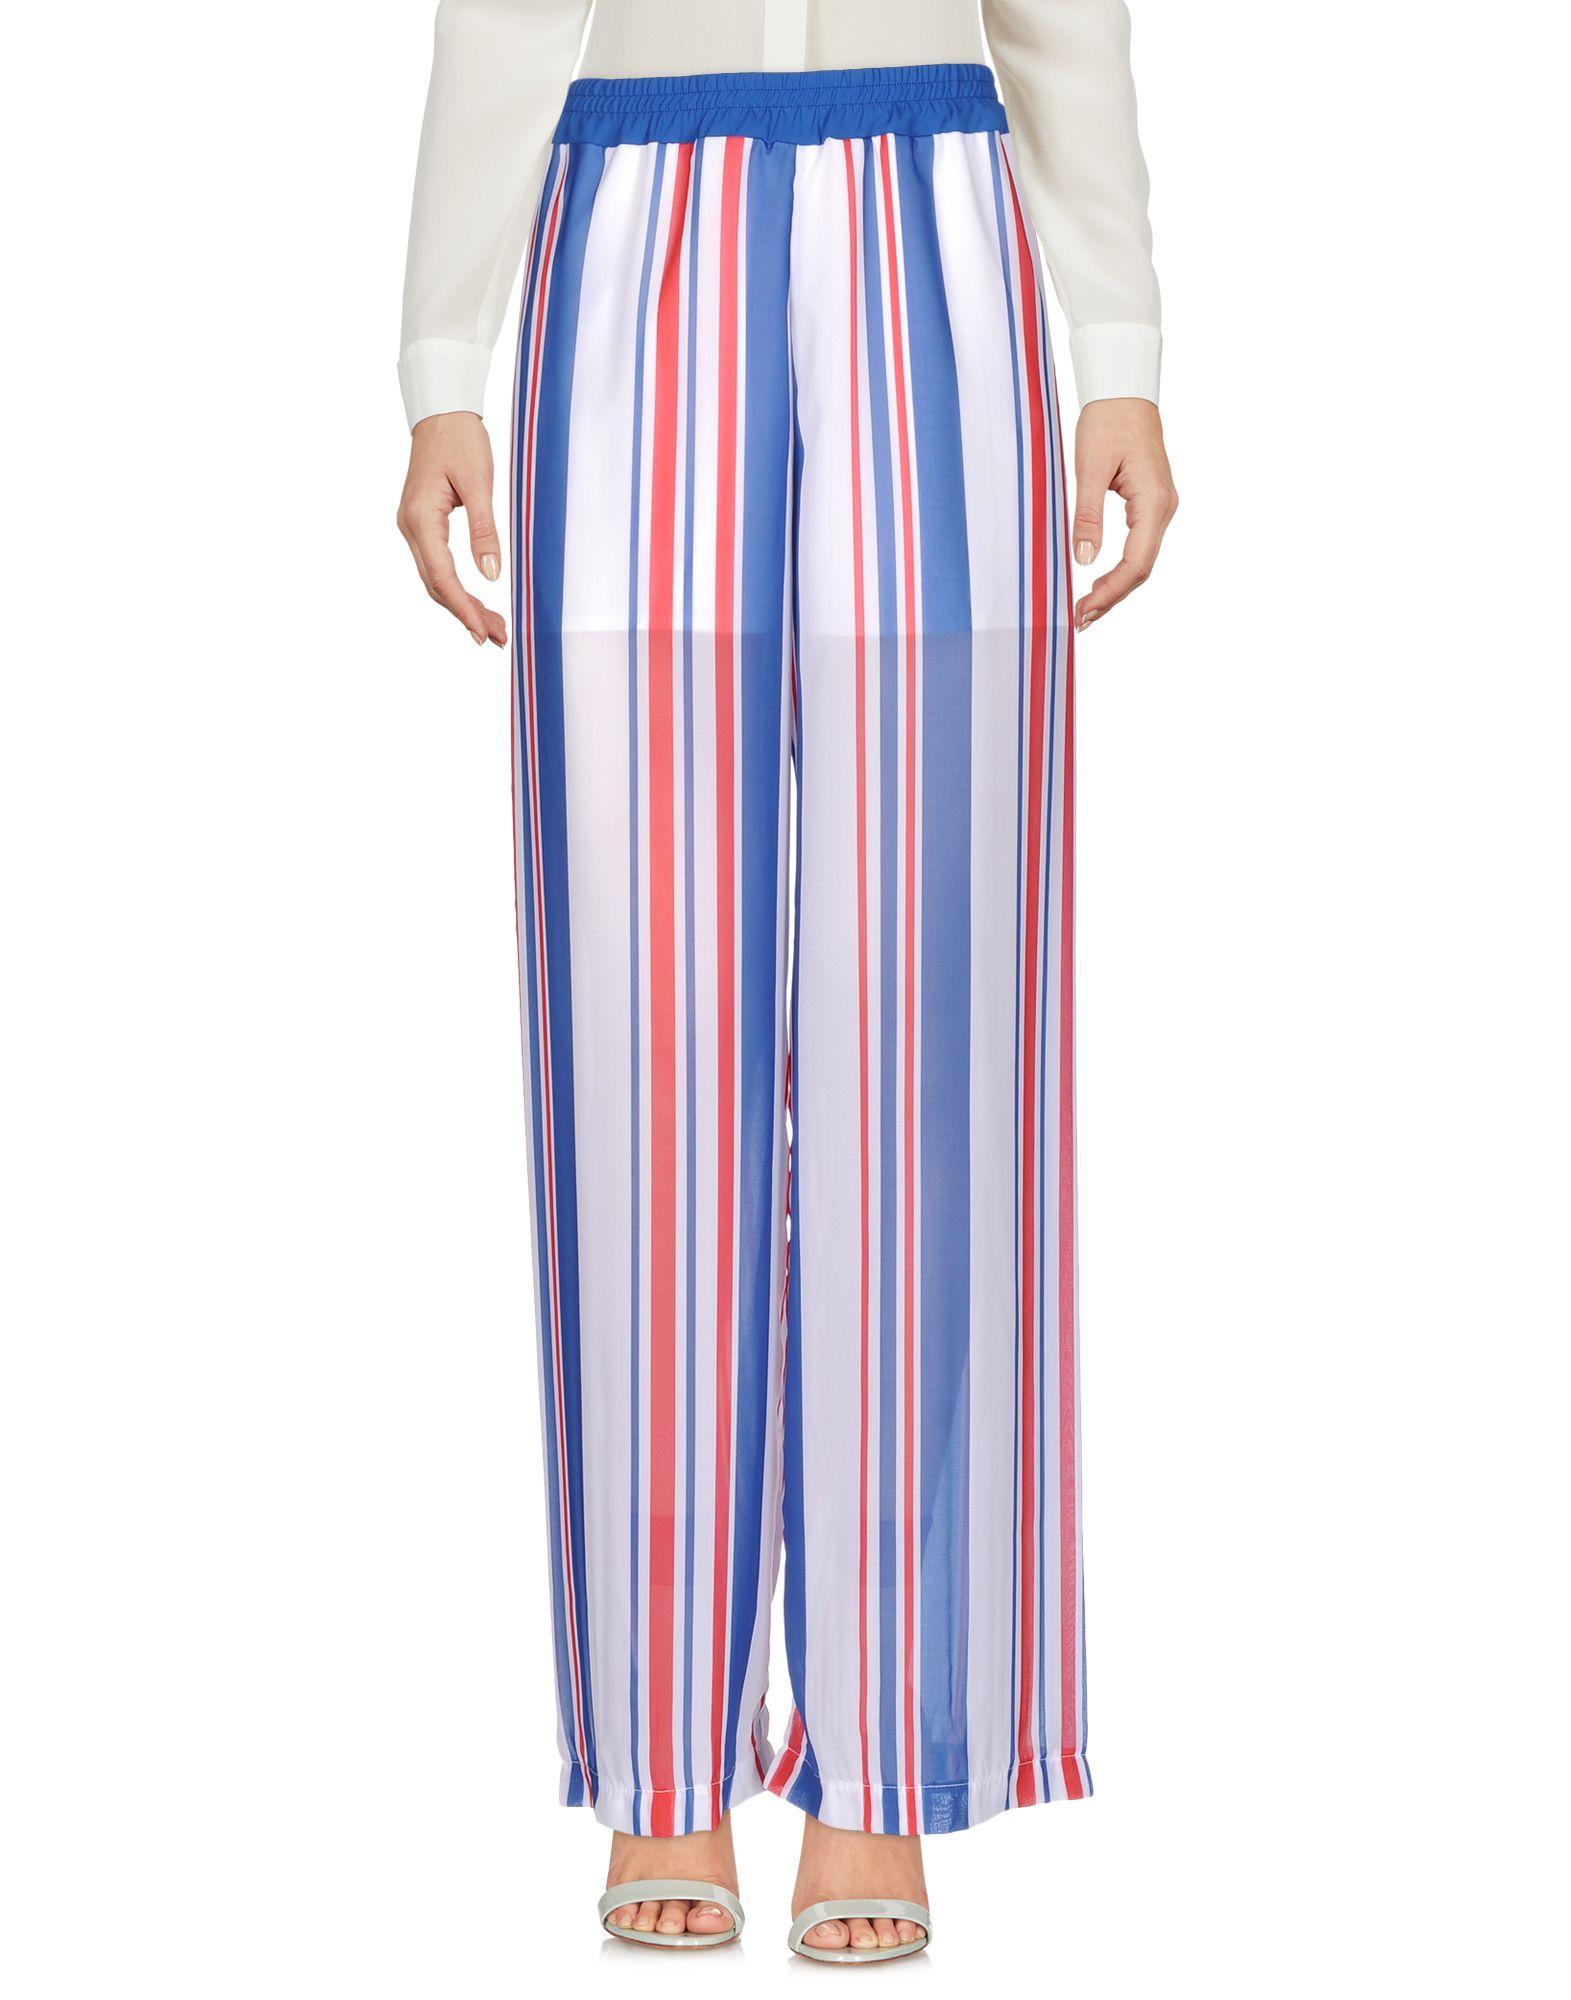 Pantalone Shiki damen - 13111430RP